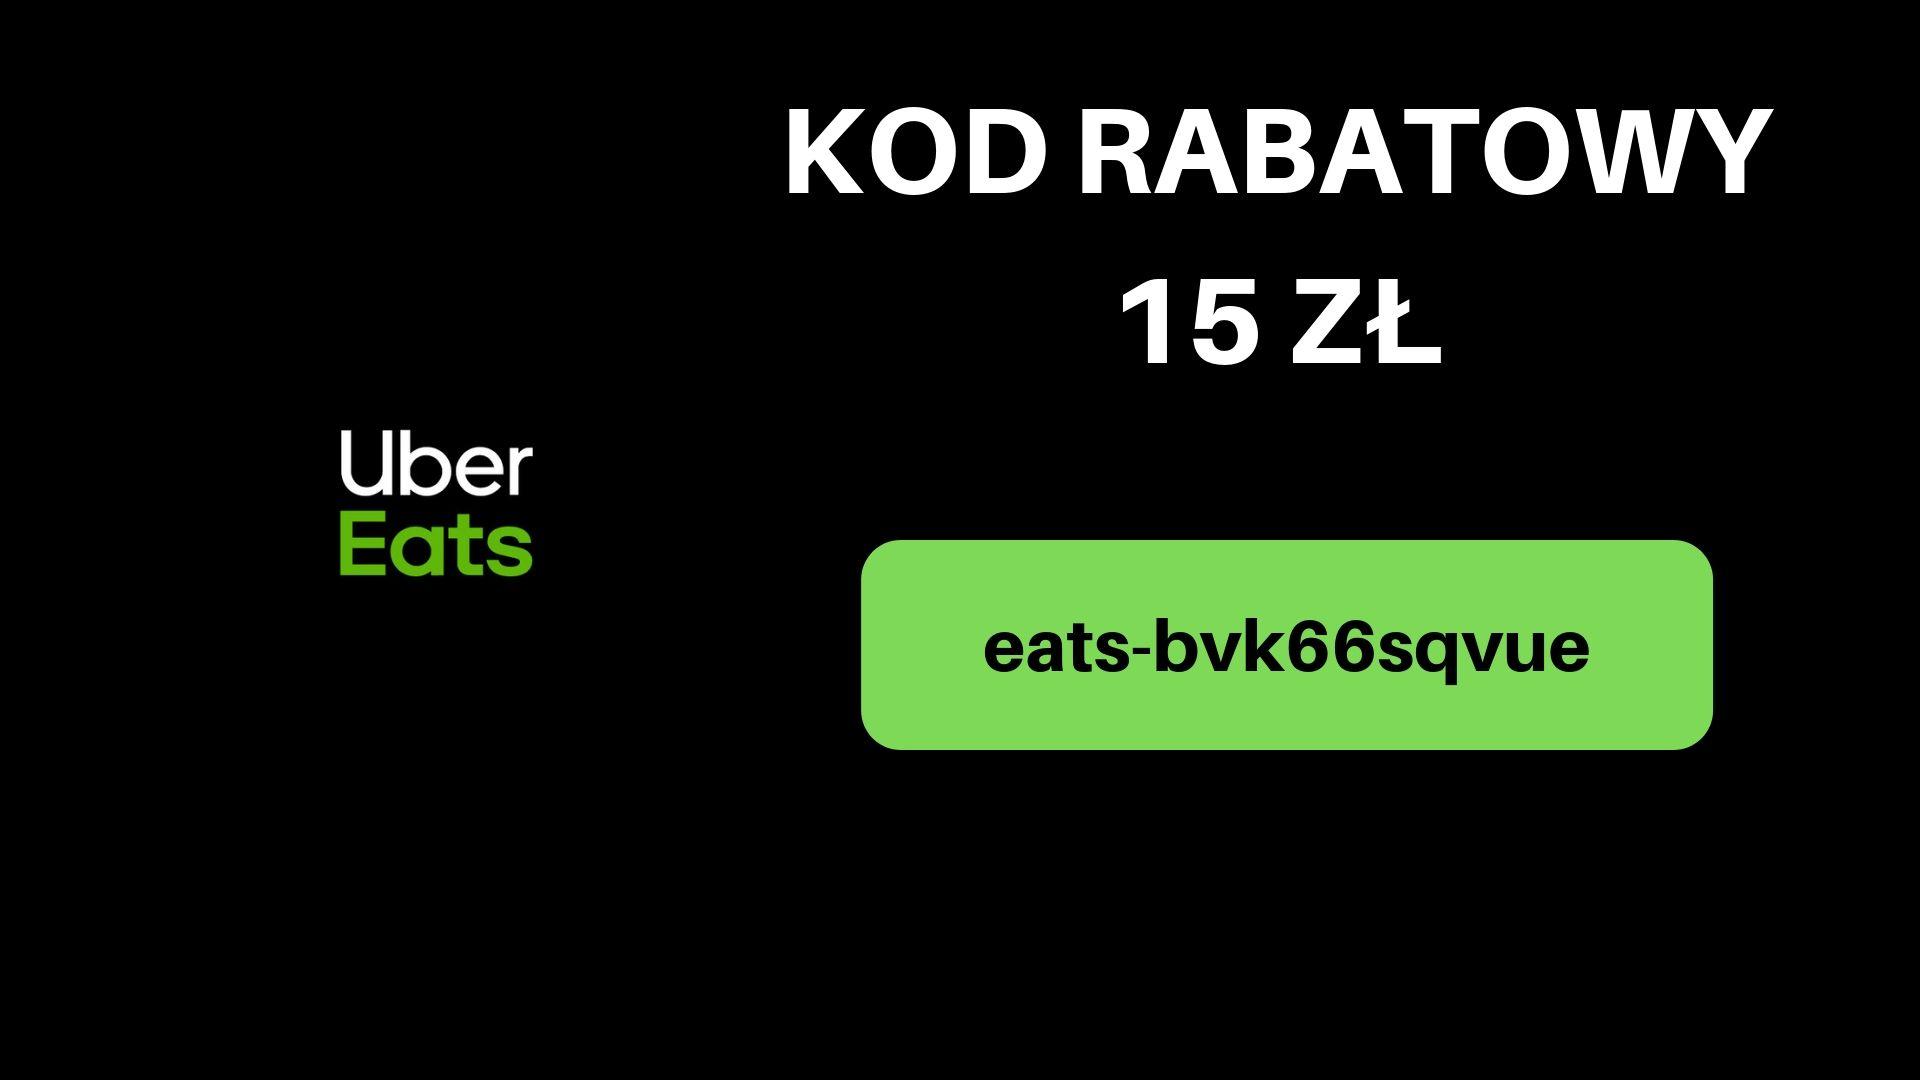 Kod rabatowy uber eats